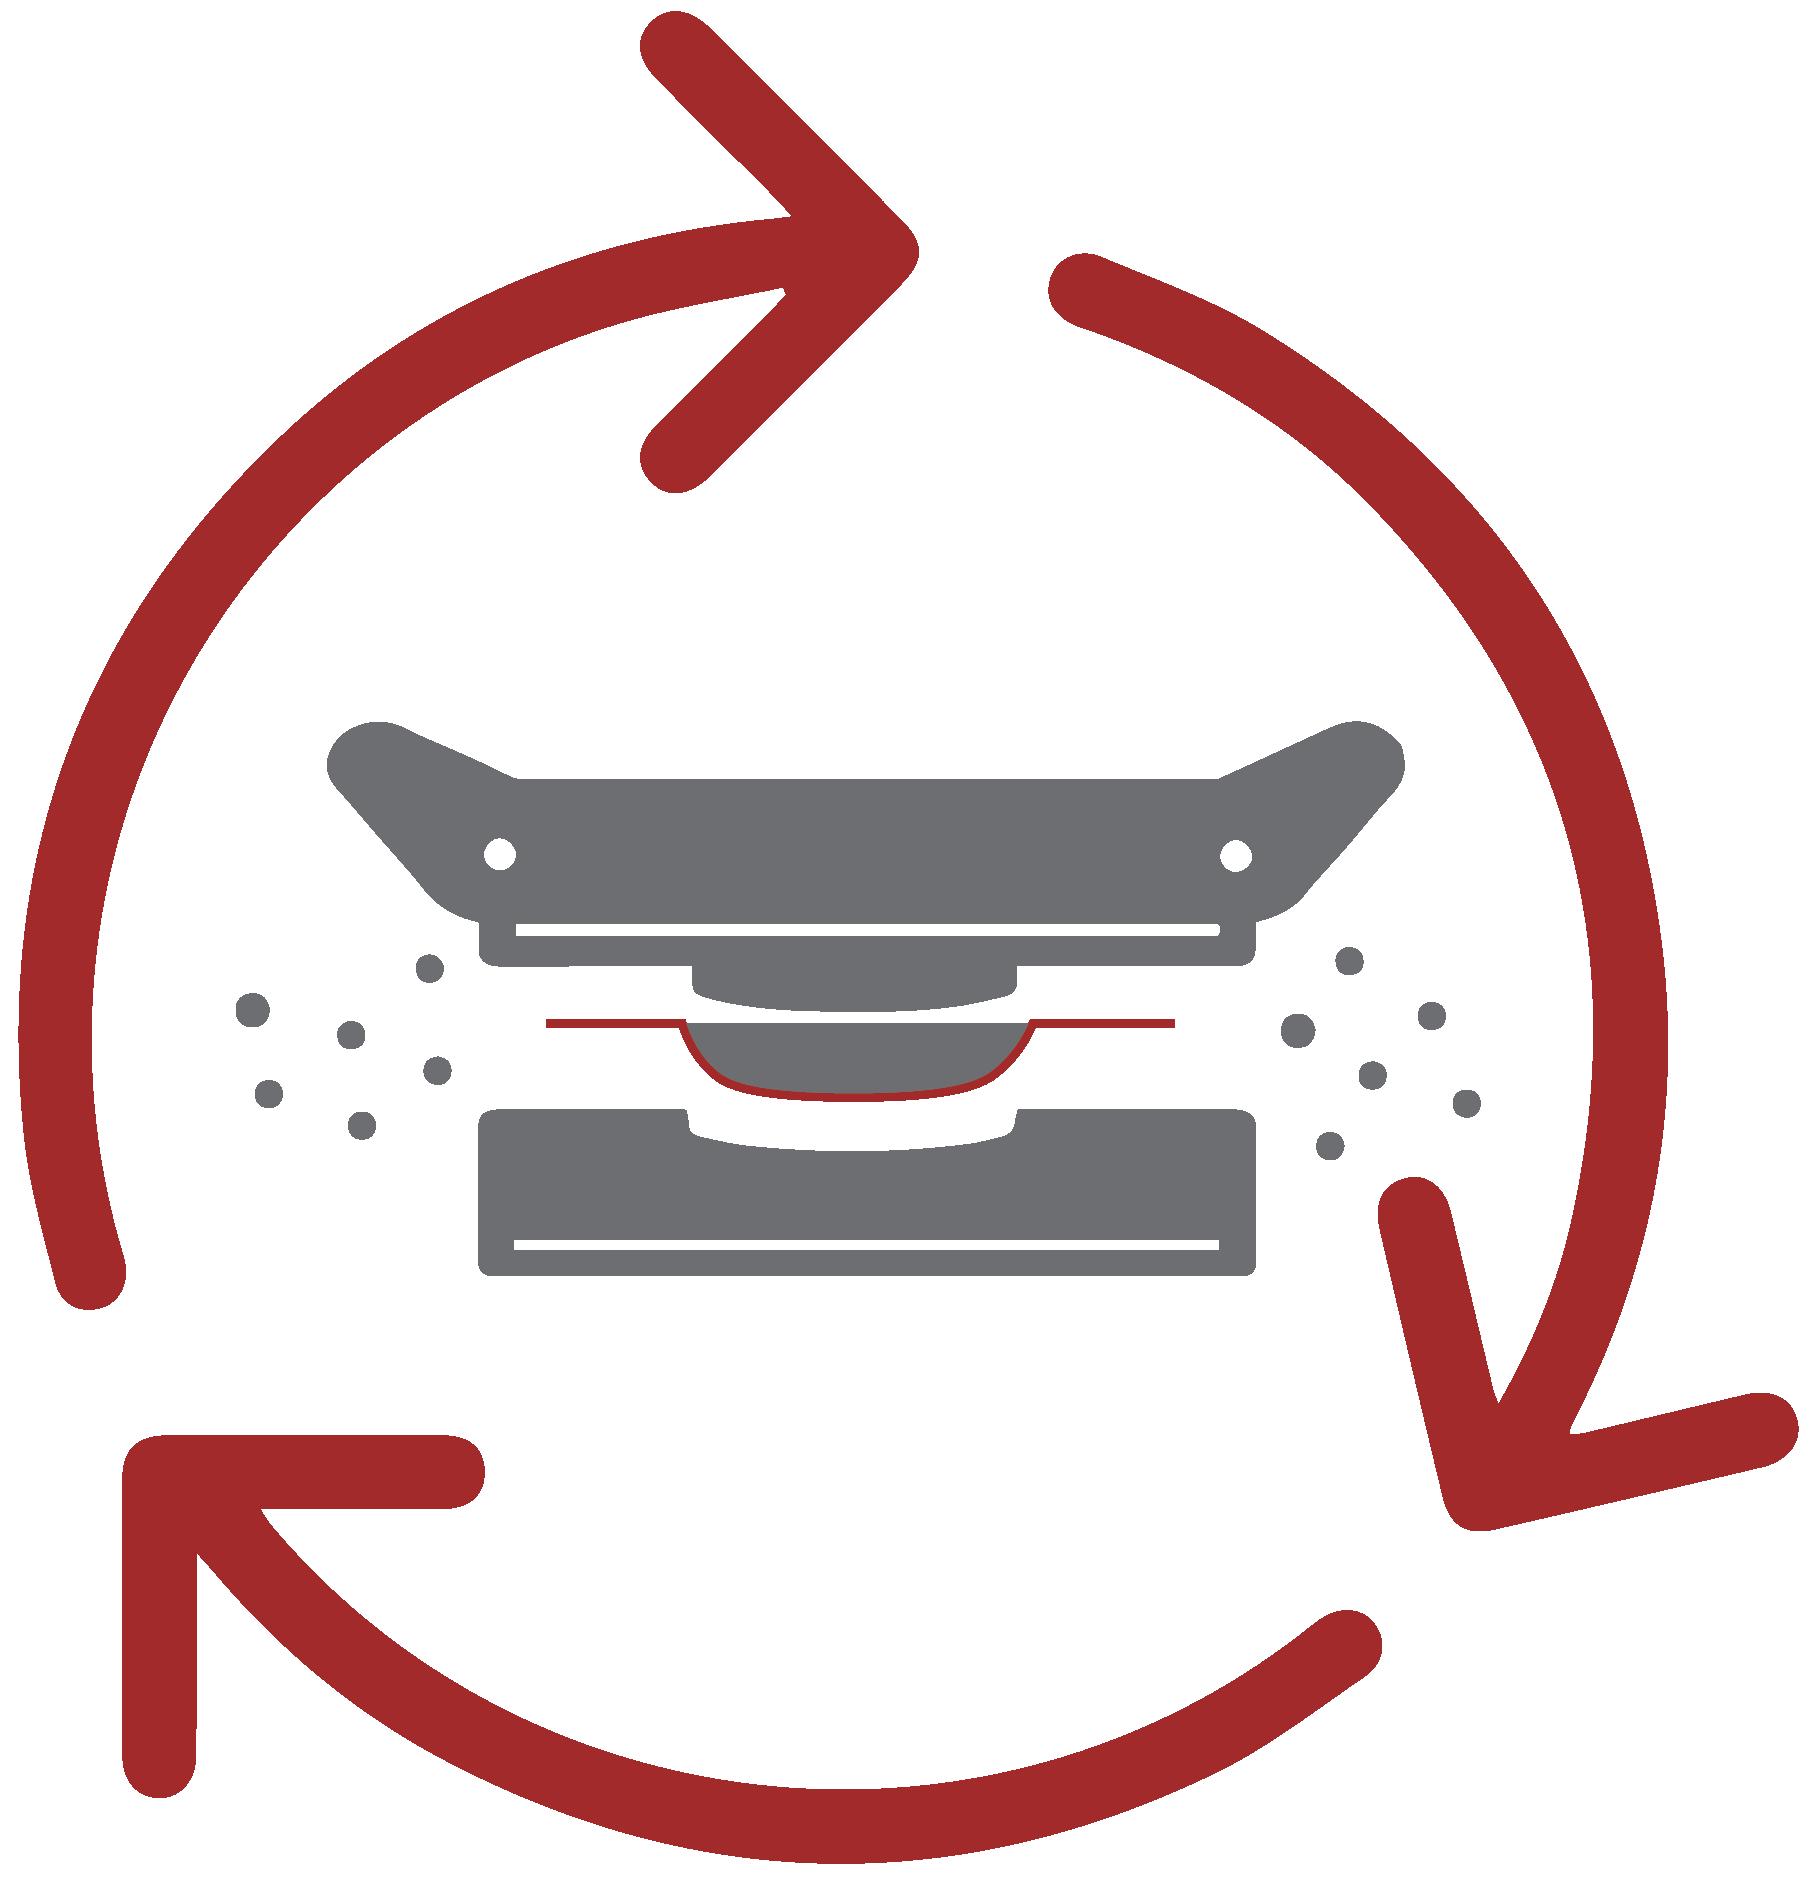 Reintrodução interna 100% de aparas, reduzindo o consumo das matérias virgens